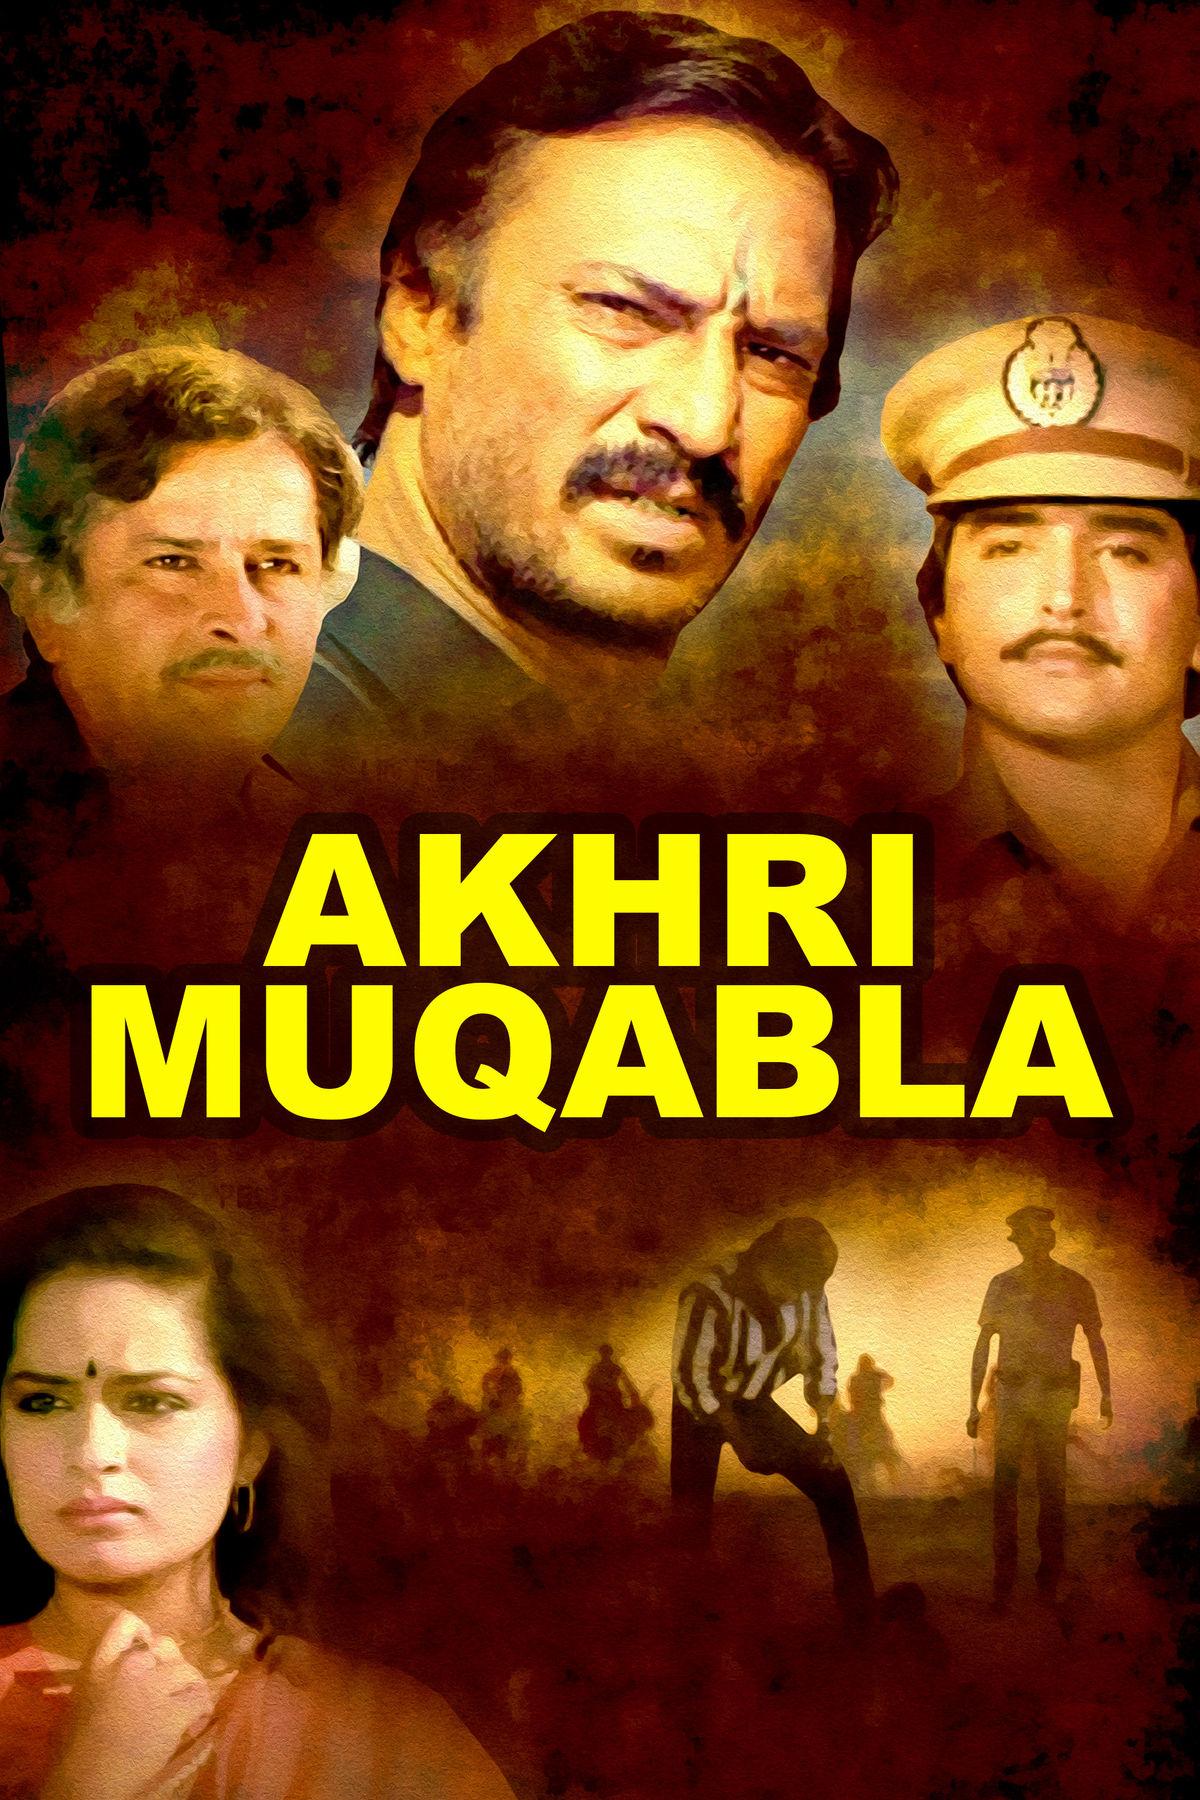 Akhri Muqabla